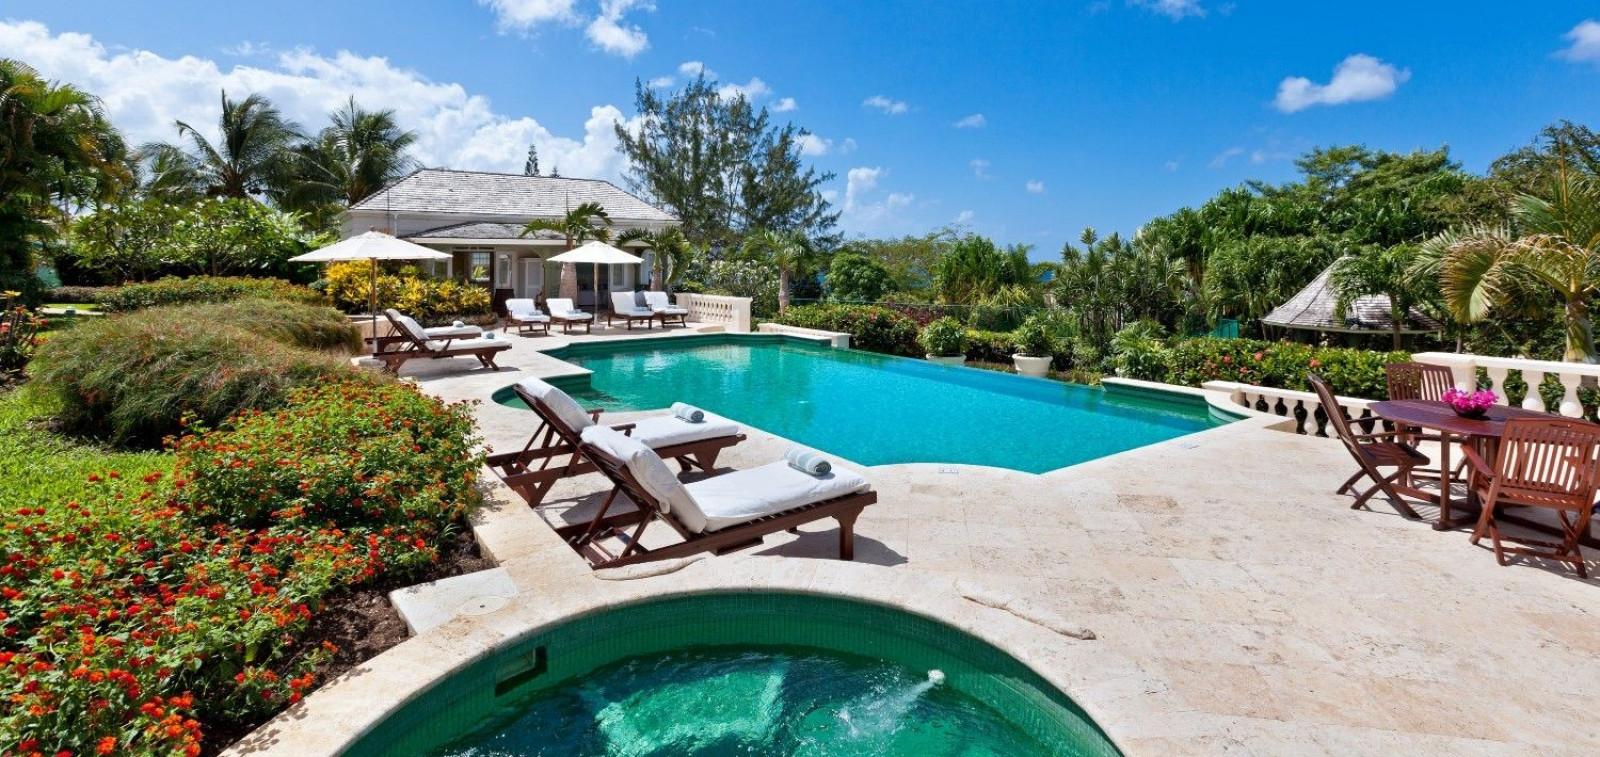 Barbados Villa With Tennis Court